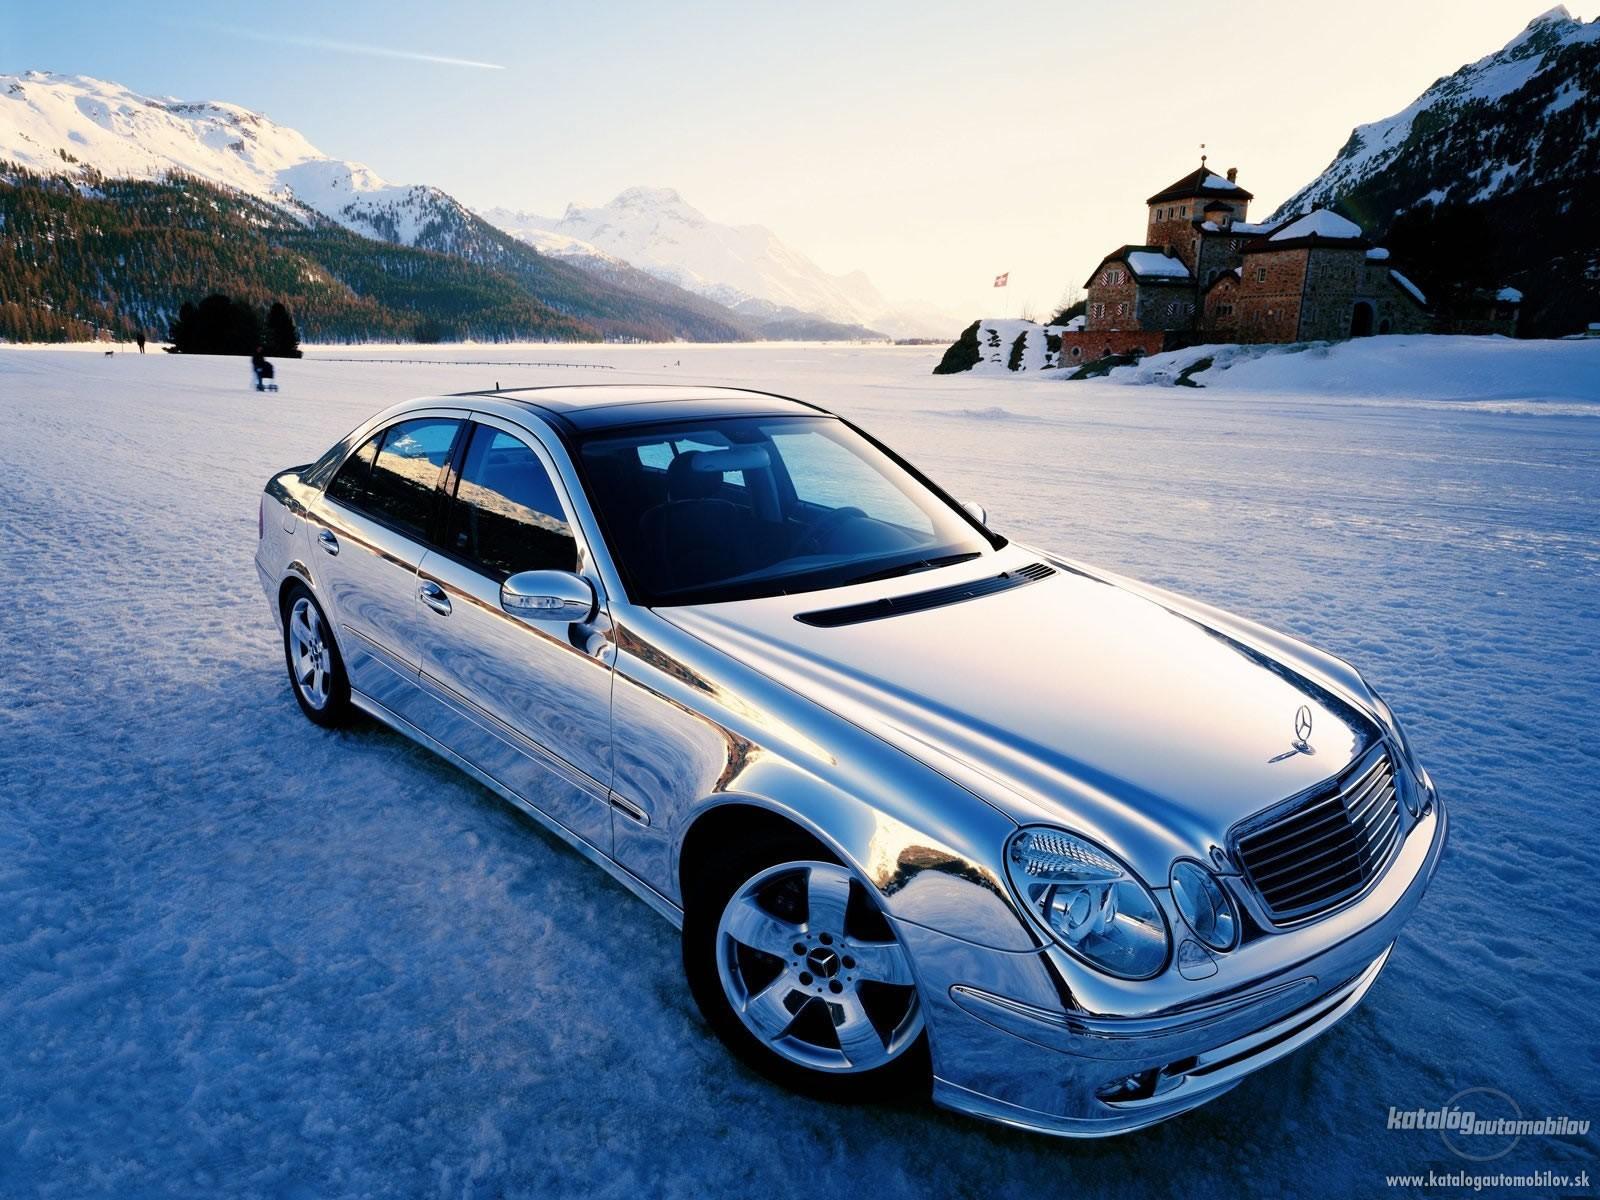 [Photos] Galerie : Les Berlines W211 et Breaks S211  pour le plaisir des yeux Mercedes-e-w211-200-cdi-100kw-1